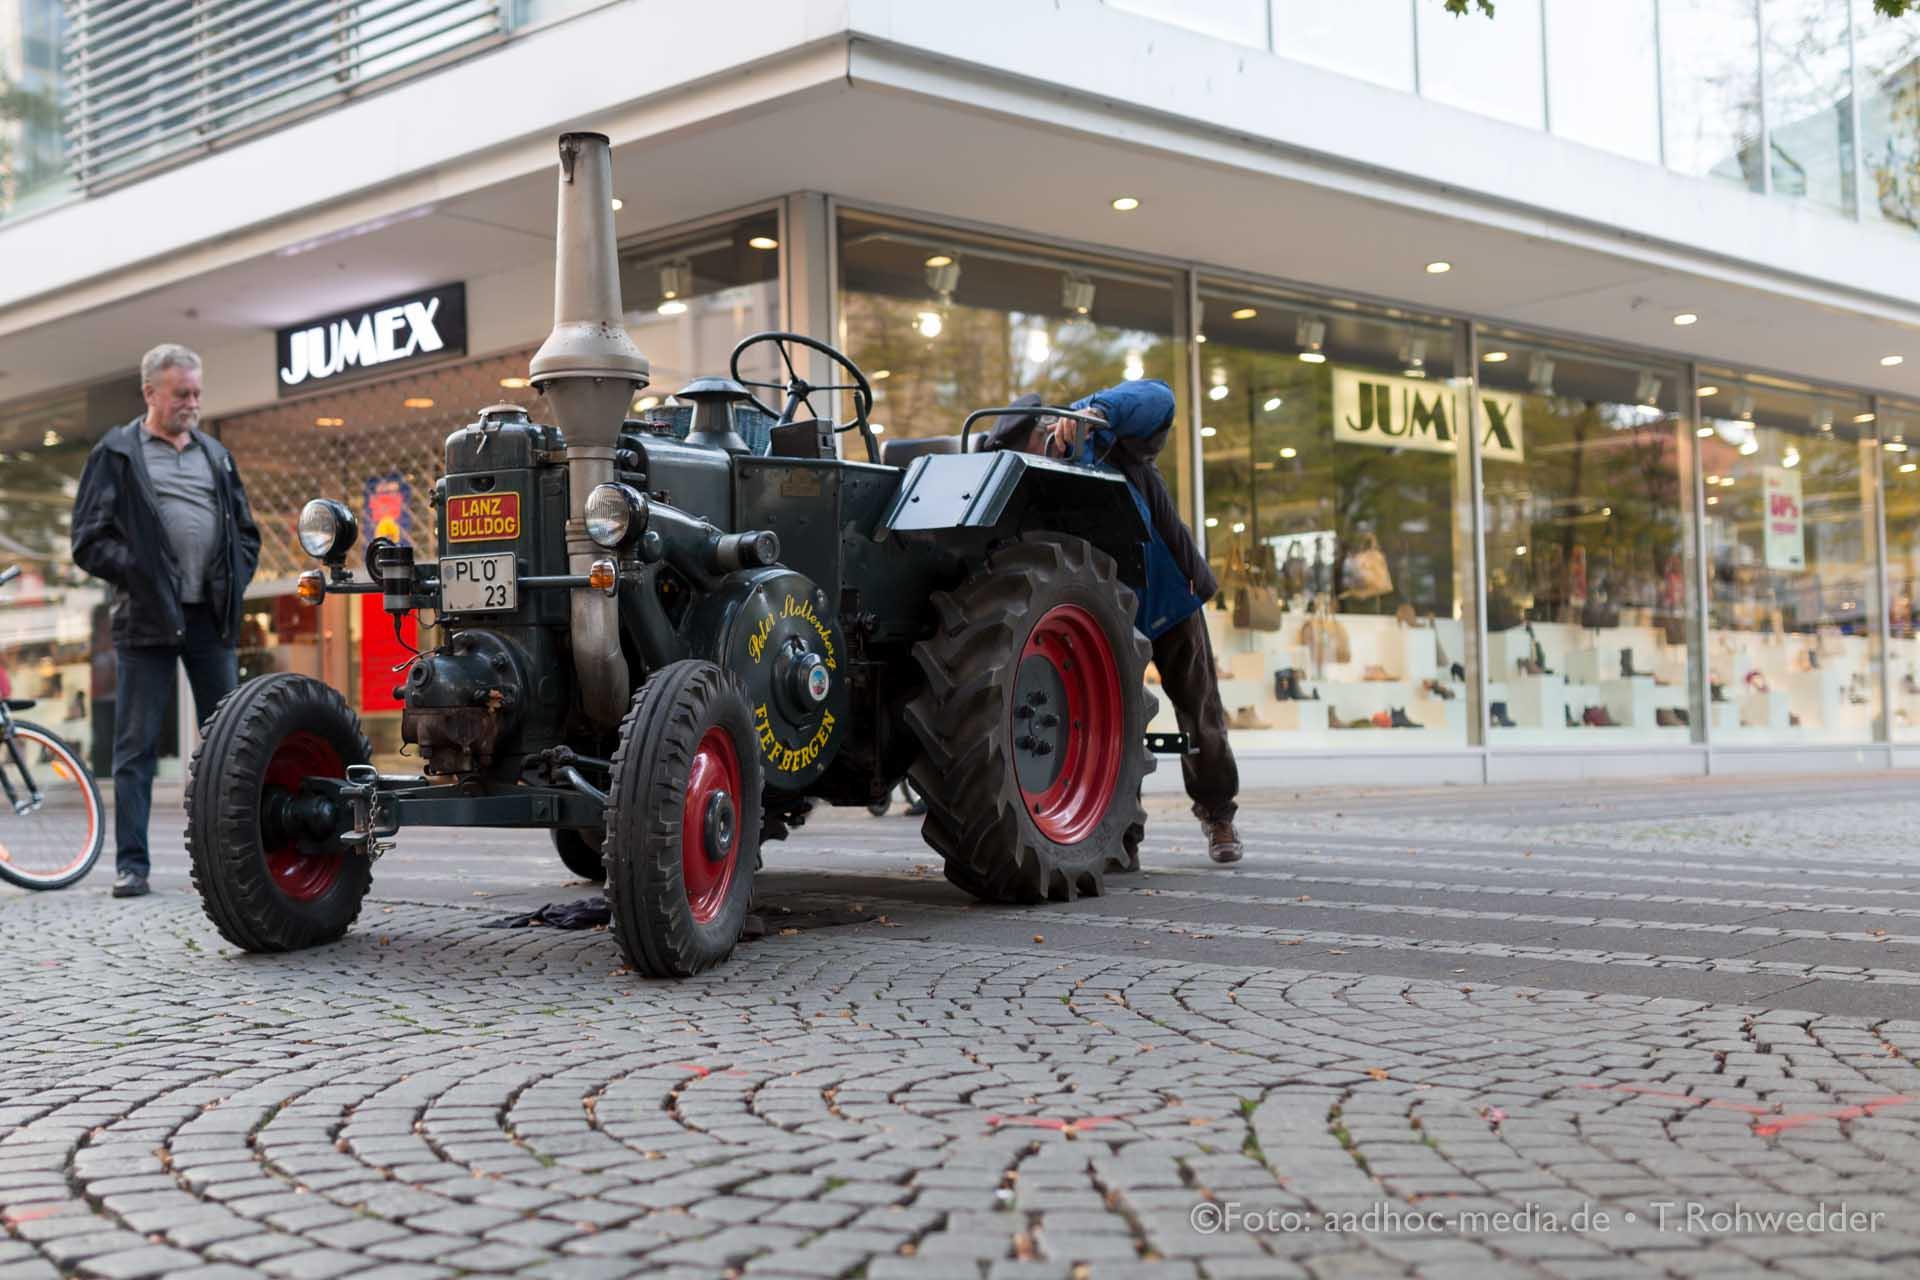 Oldtimer - Traktor Lanz Buldog - Bauern- und Regionalmarkt Kiel